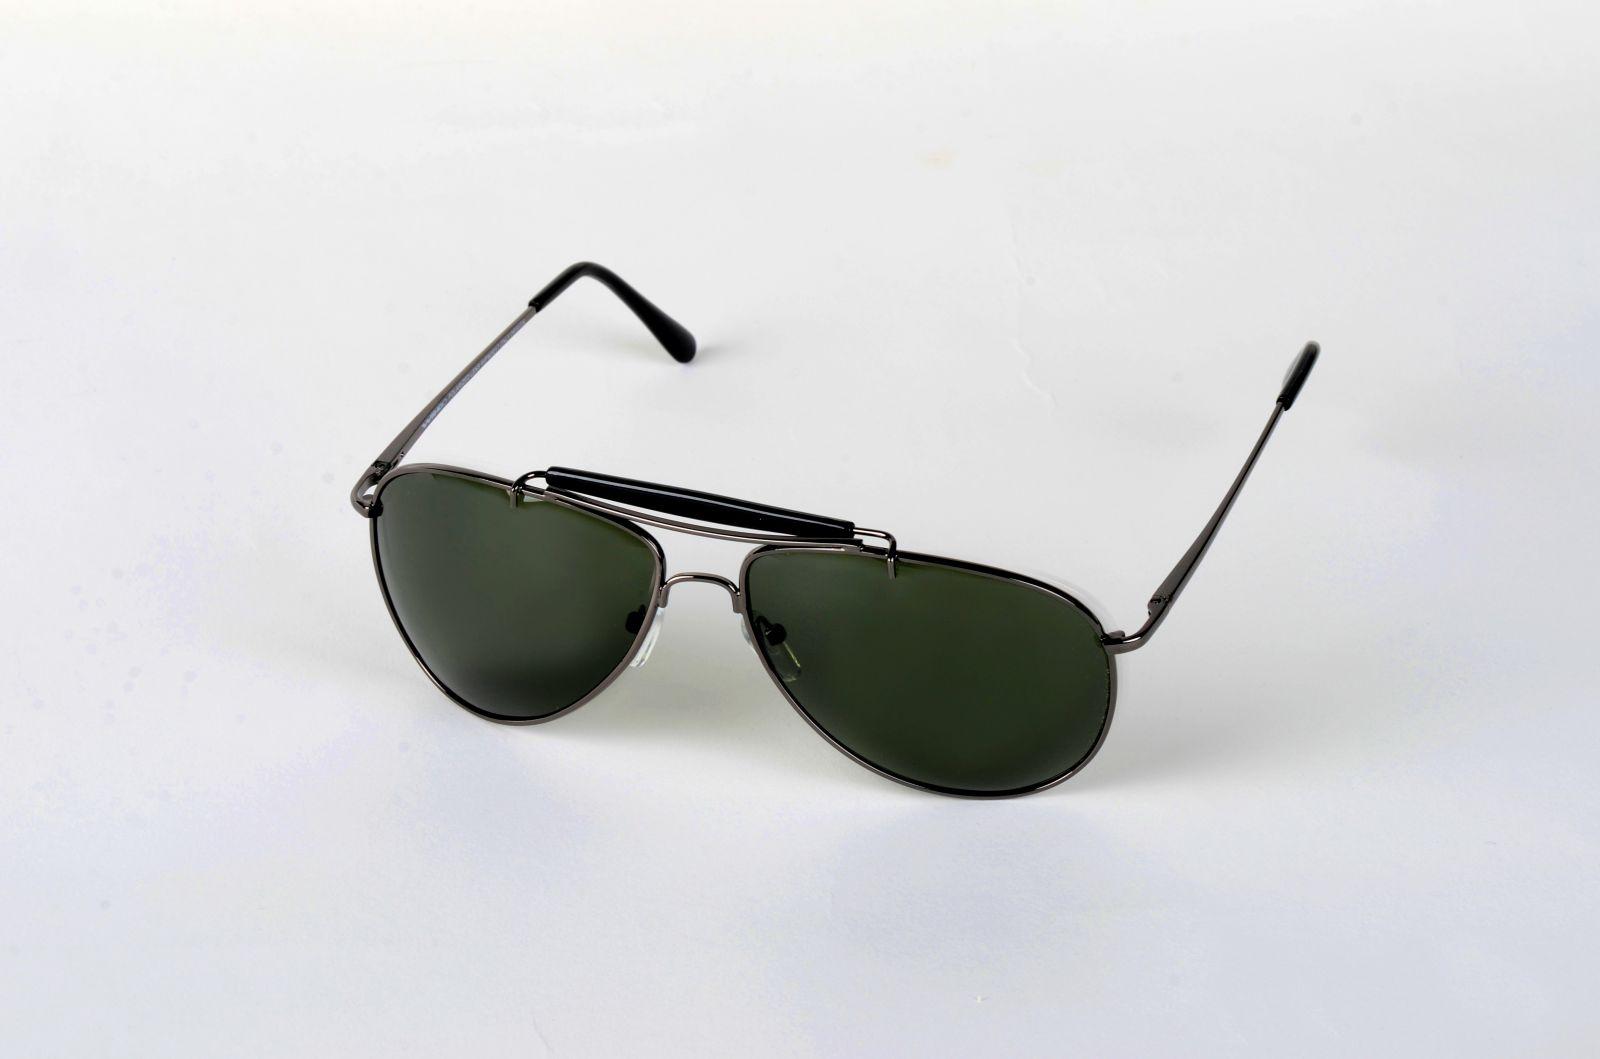 Polarizační brýle 3017 tmavozelené čočky ČO Cat.3 E-batoh